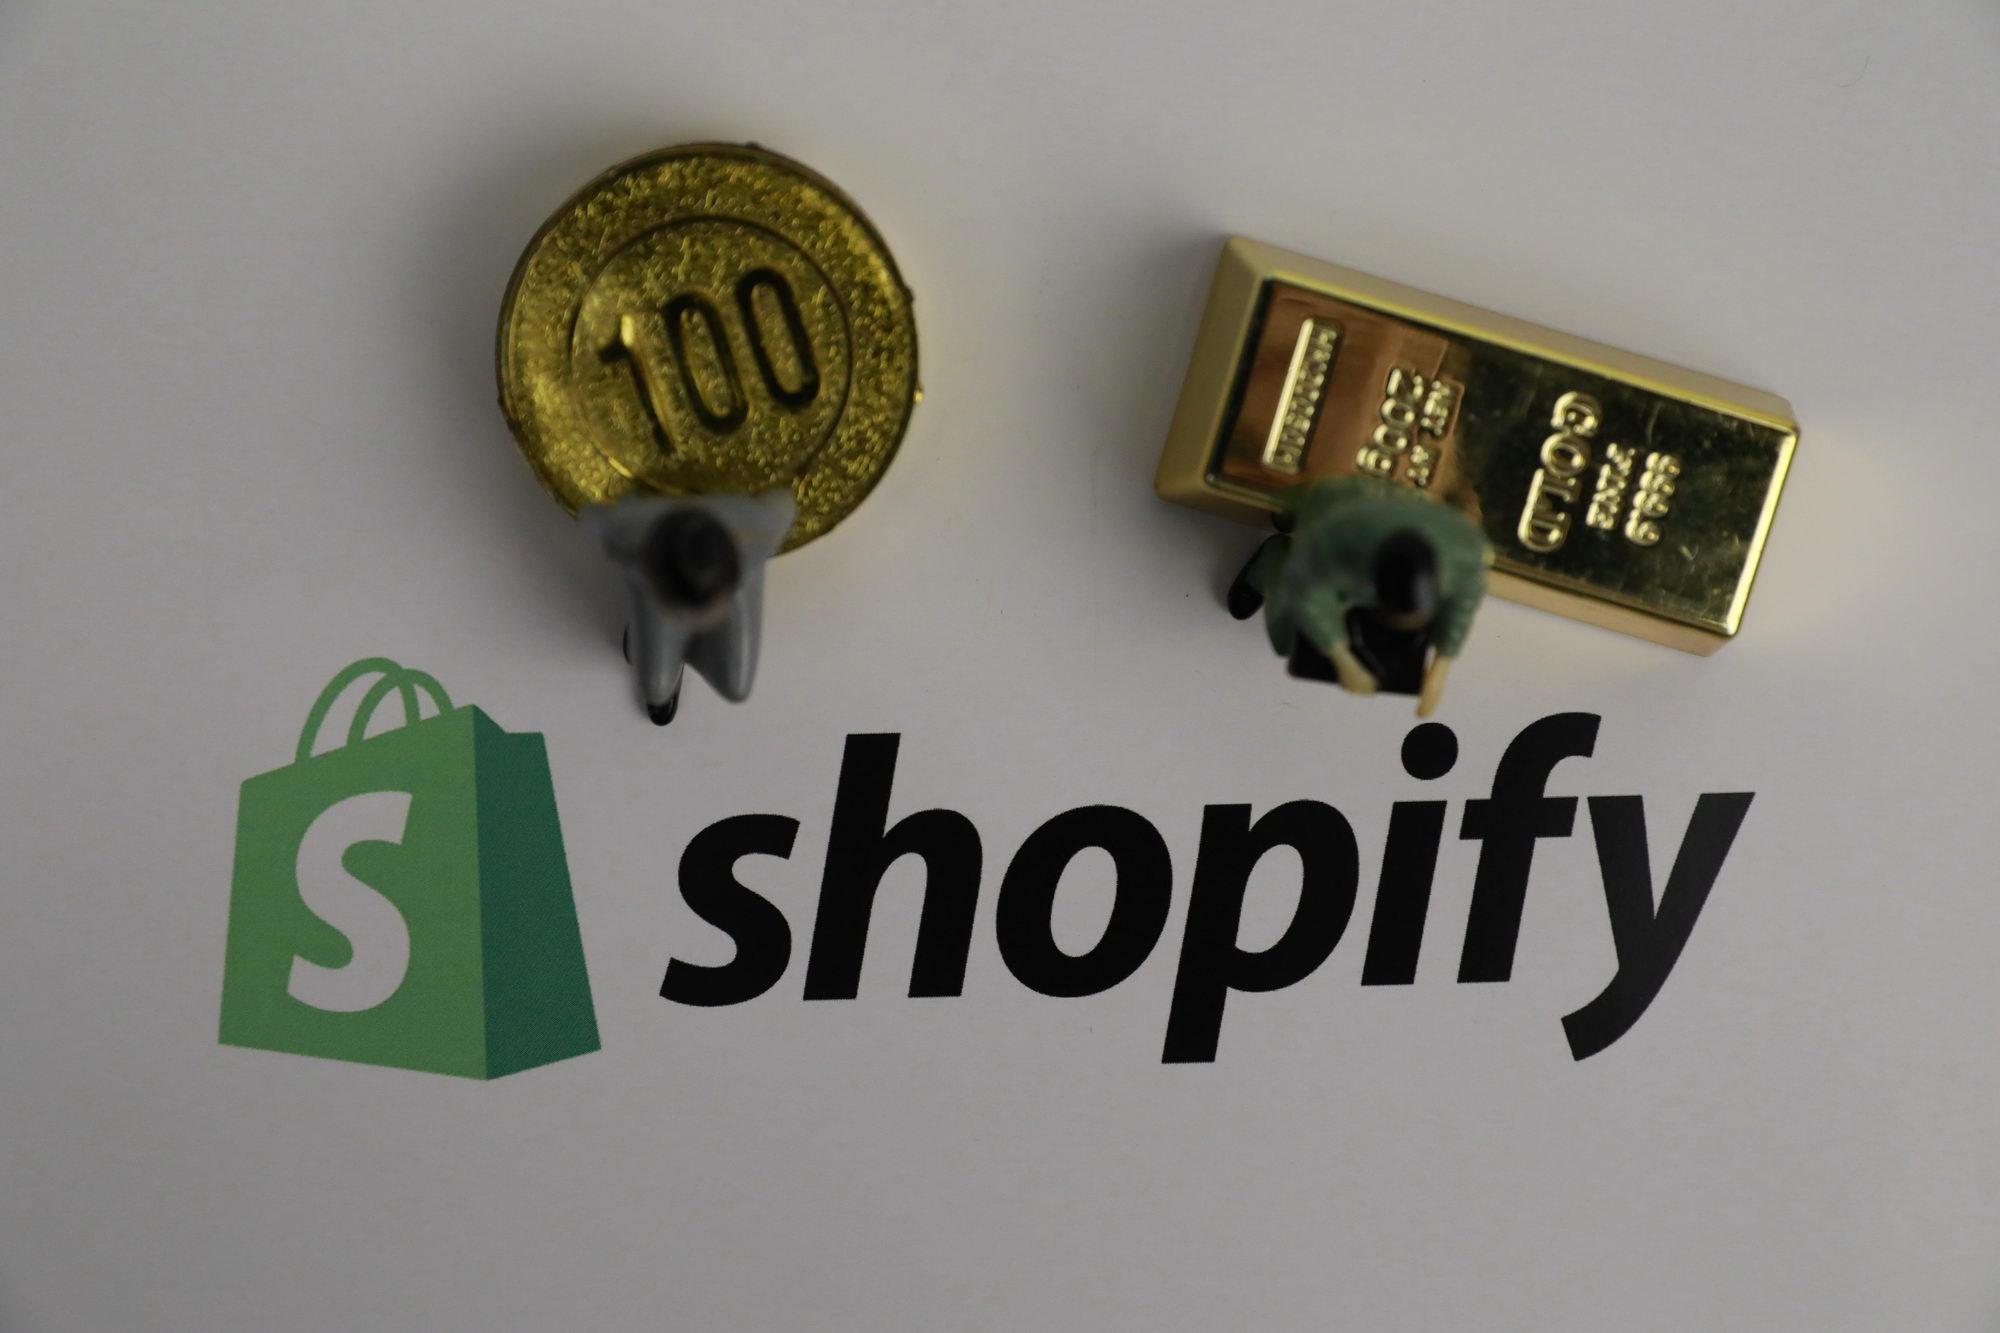 TikTok与加拿大电商平台Shopify达成合作协议_跨境电商_电商报